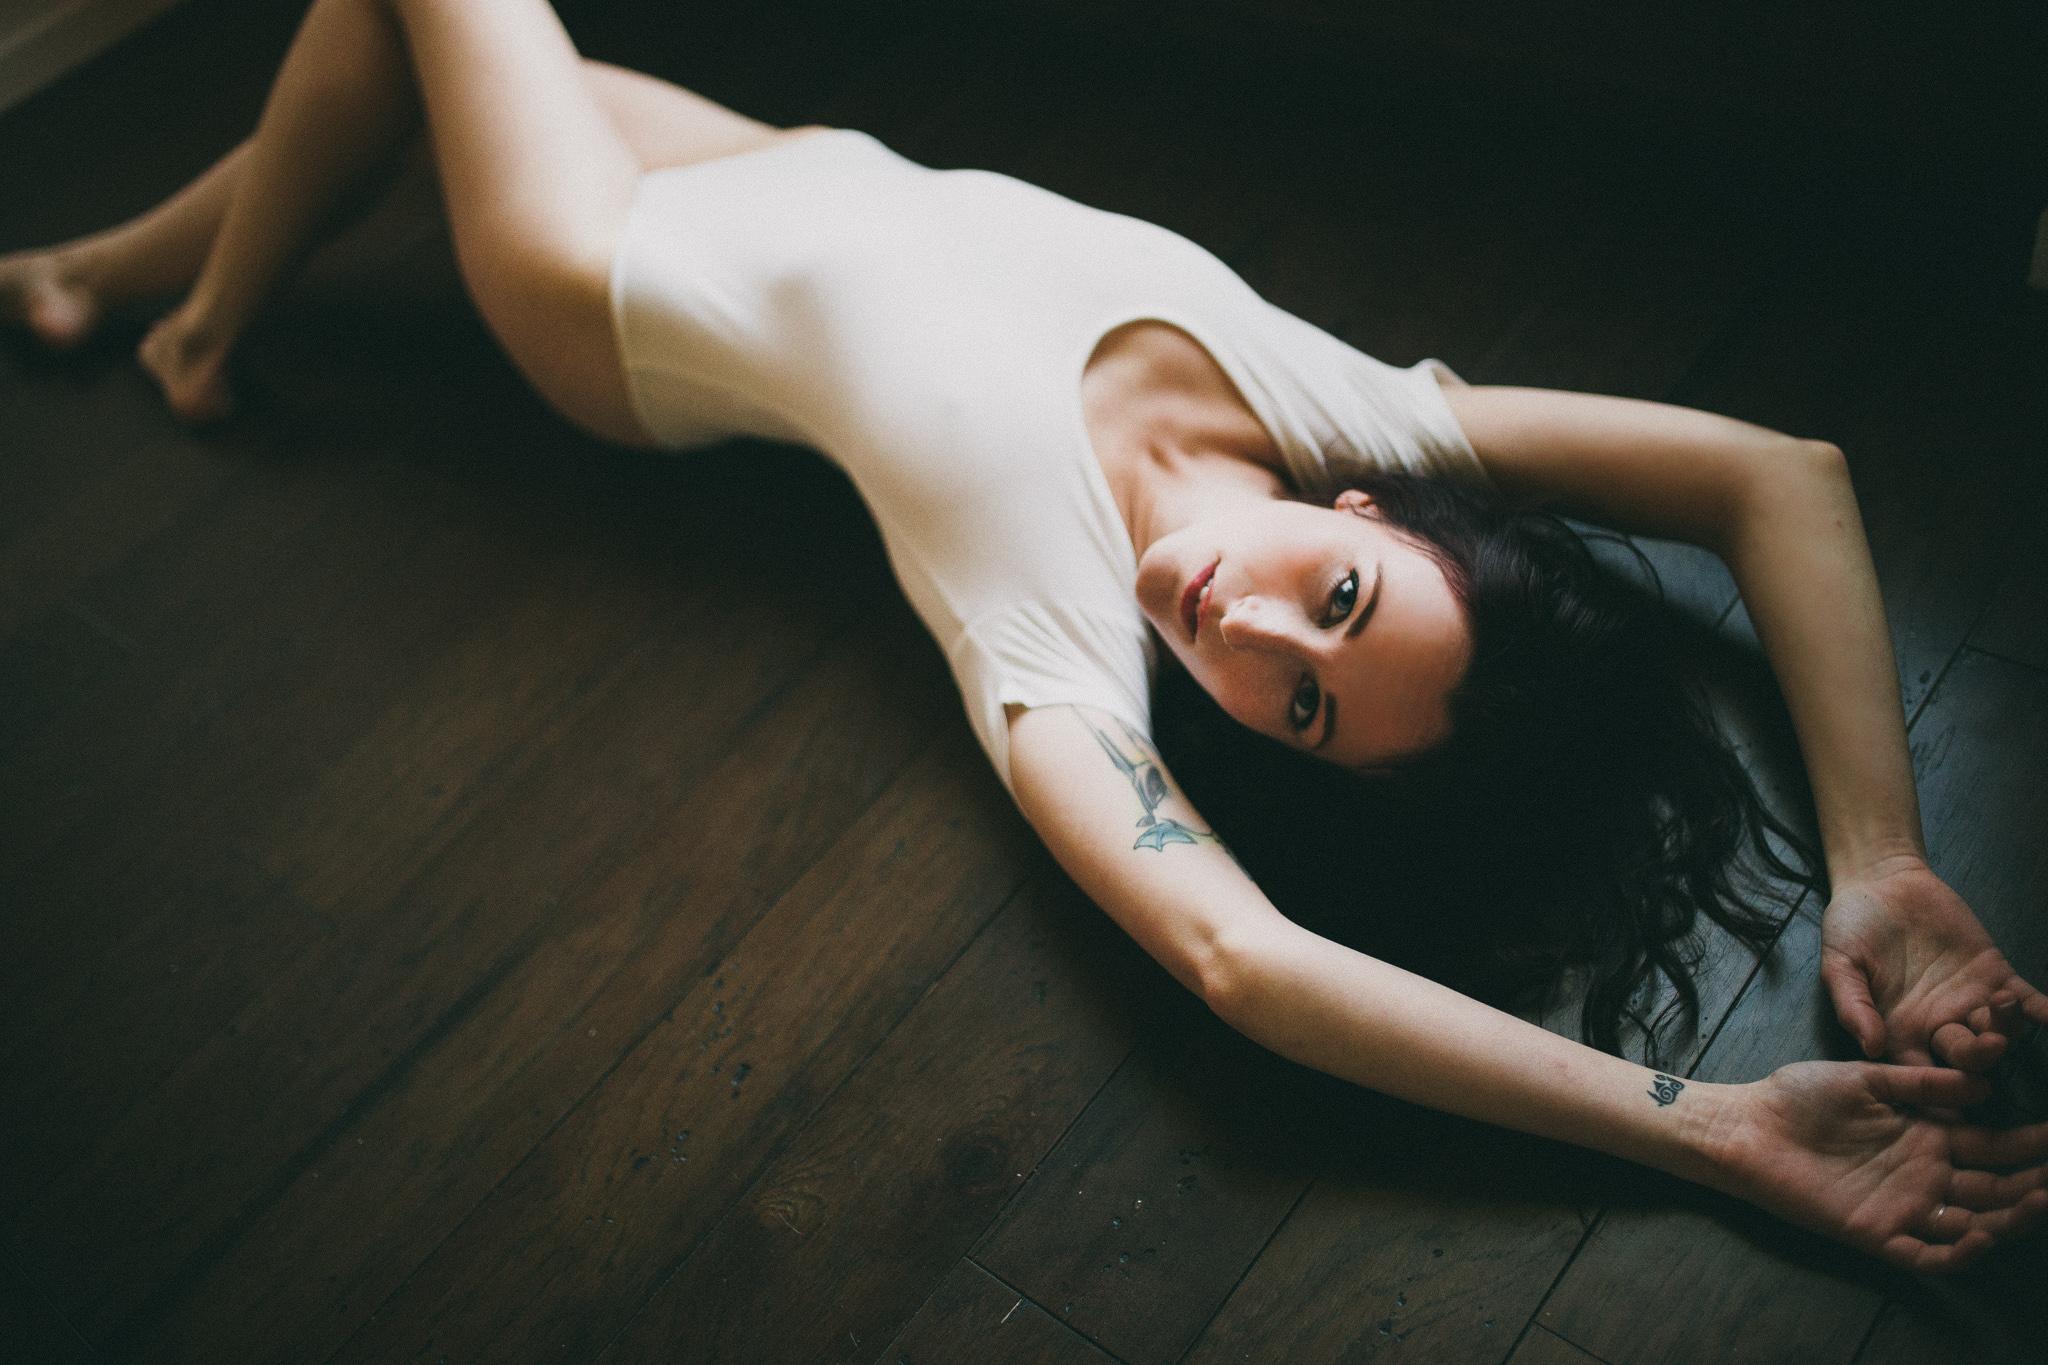 haliejohnsonphotography-boudoir-20.jpg